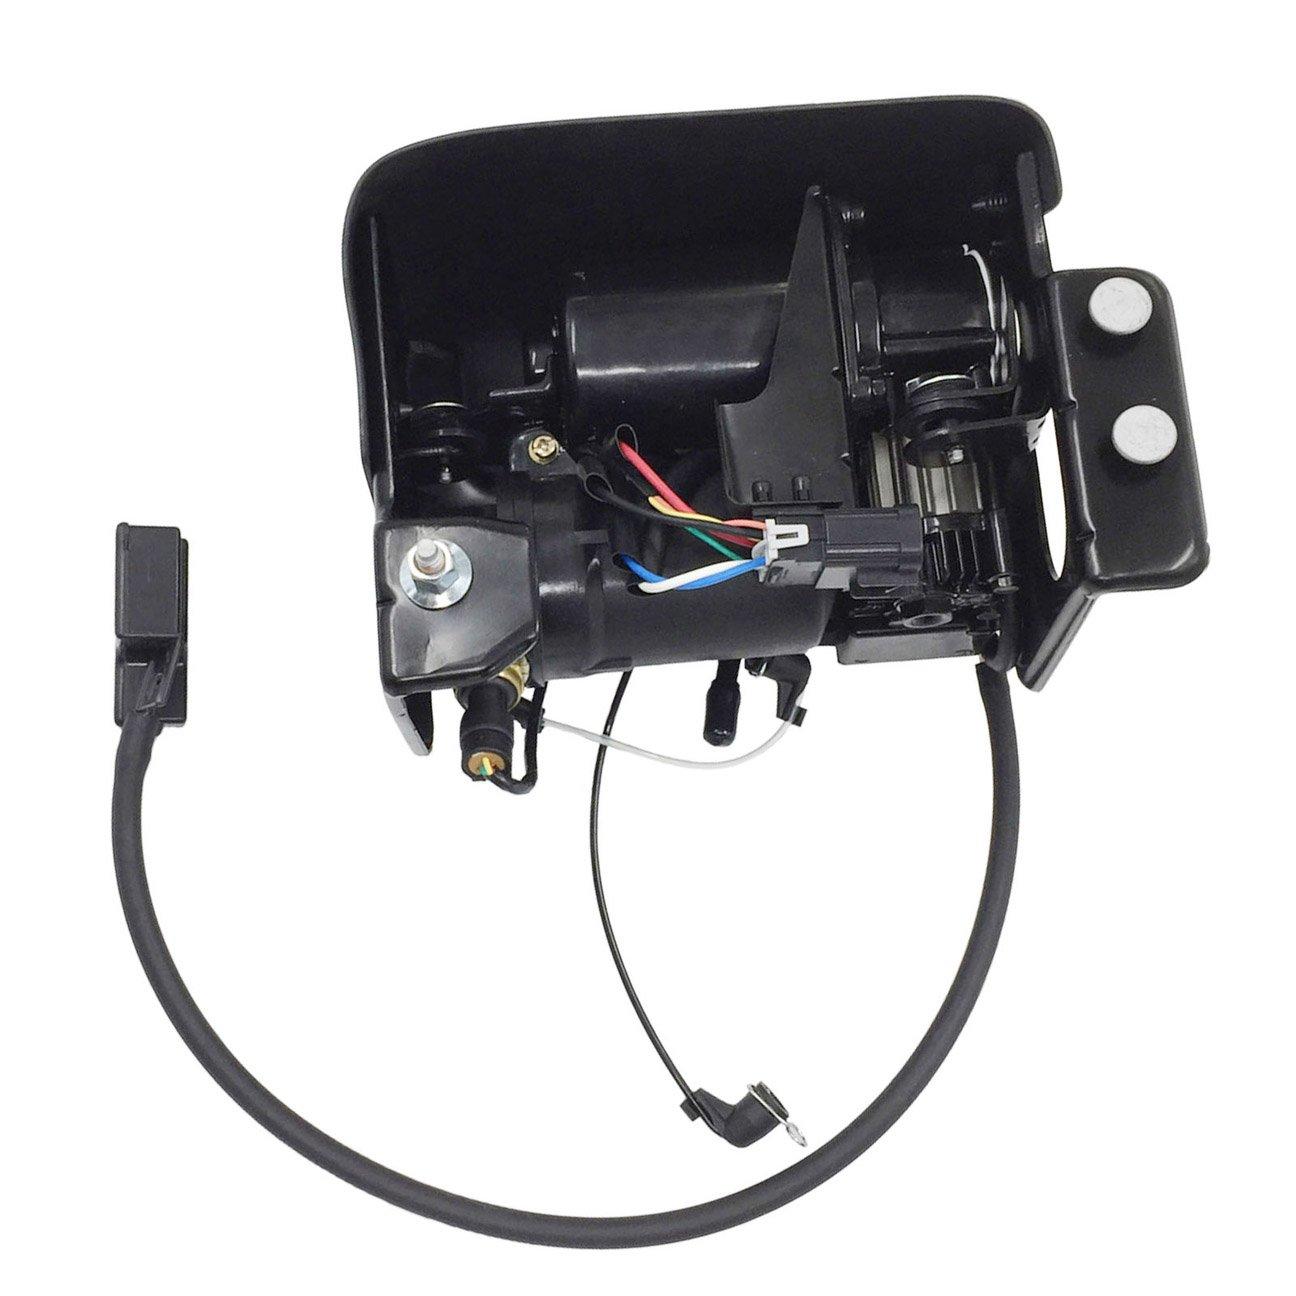 SKP SKAS001 Air Suspension Compressor